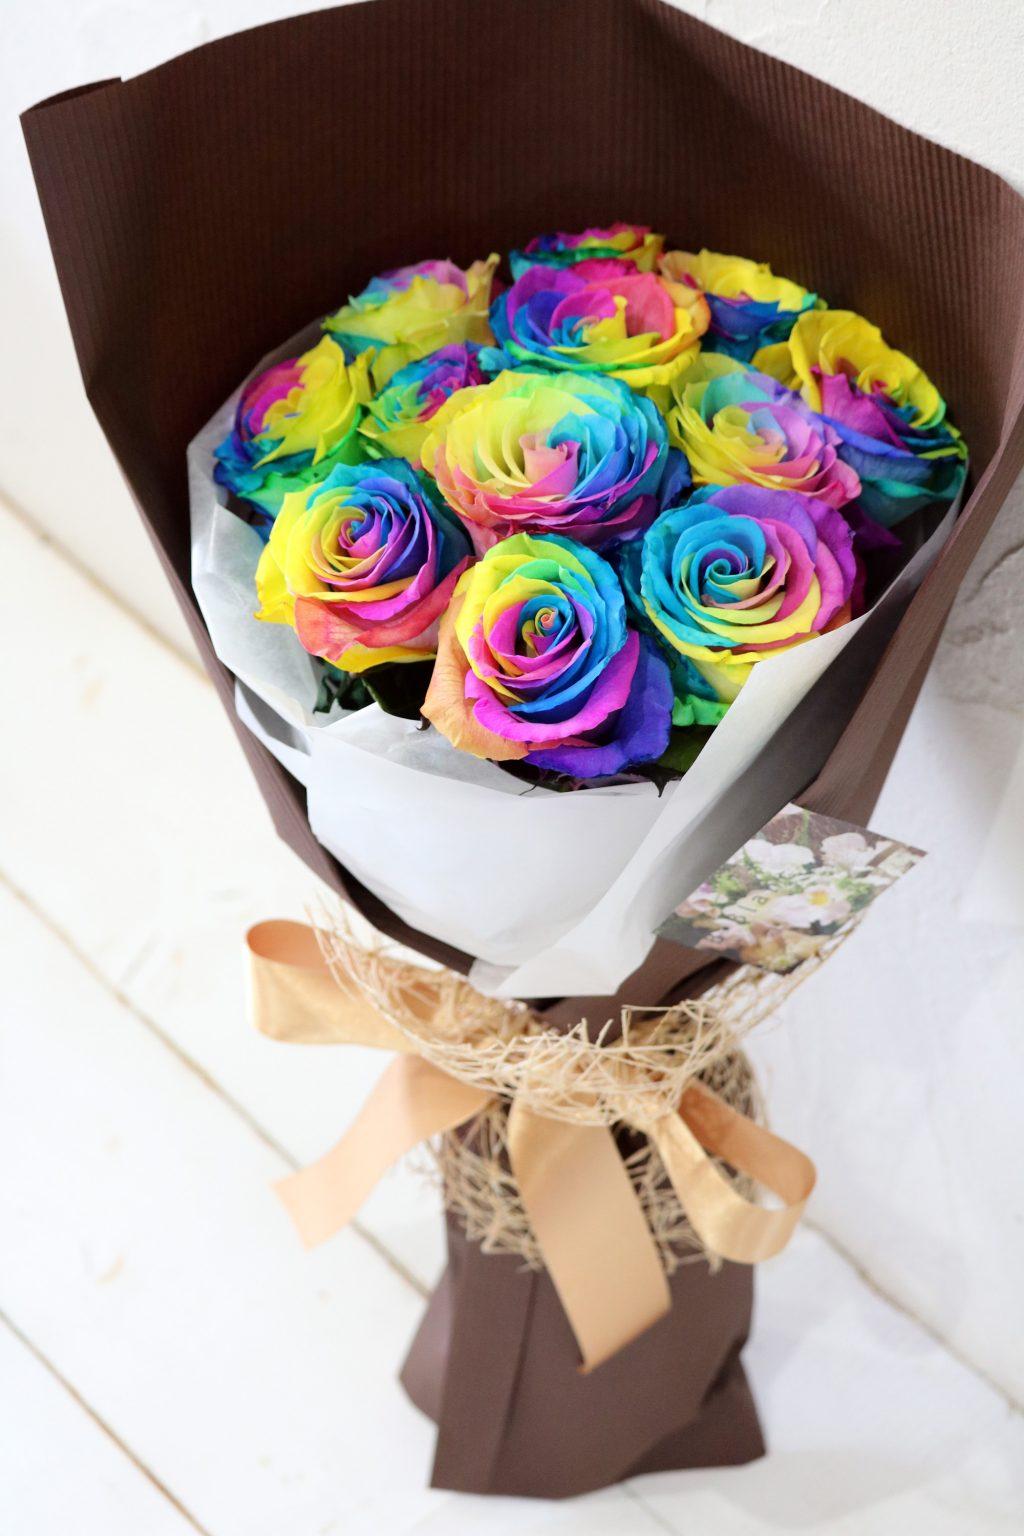 花束 12本のレインボーローズの花束